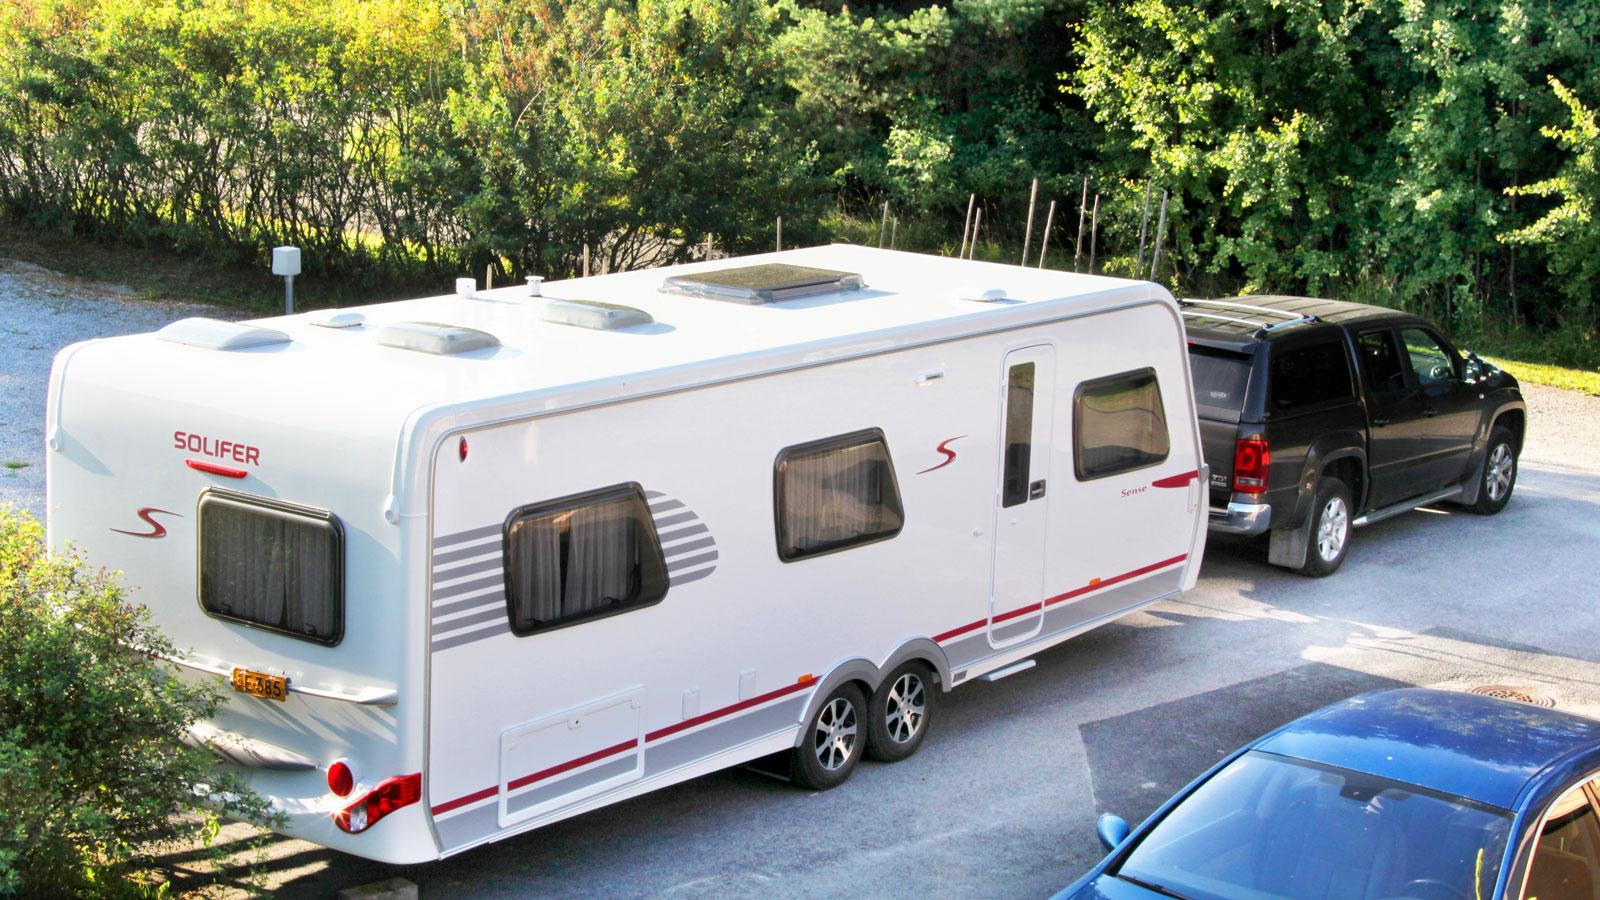 Väggar av PUAL-laminat med uretanisolering och slät aluminiumyta. Vagnens tak är av glasfiber och tål hårda hagelskurar.